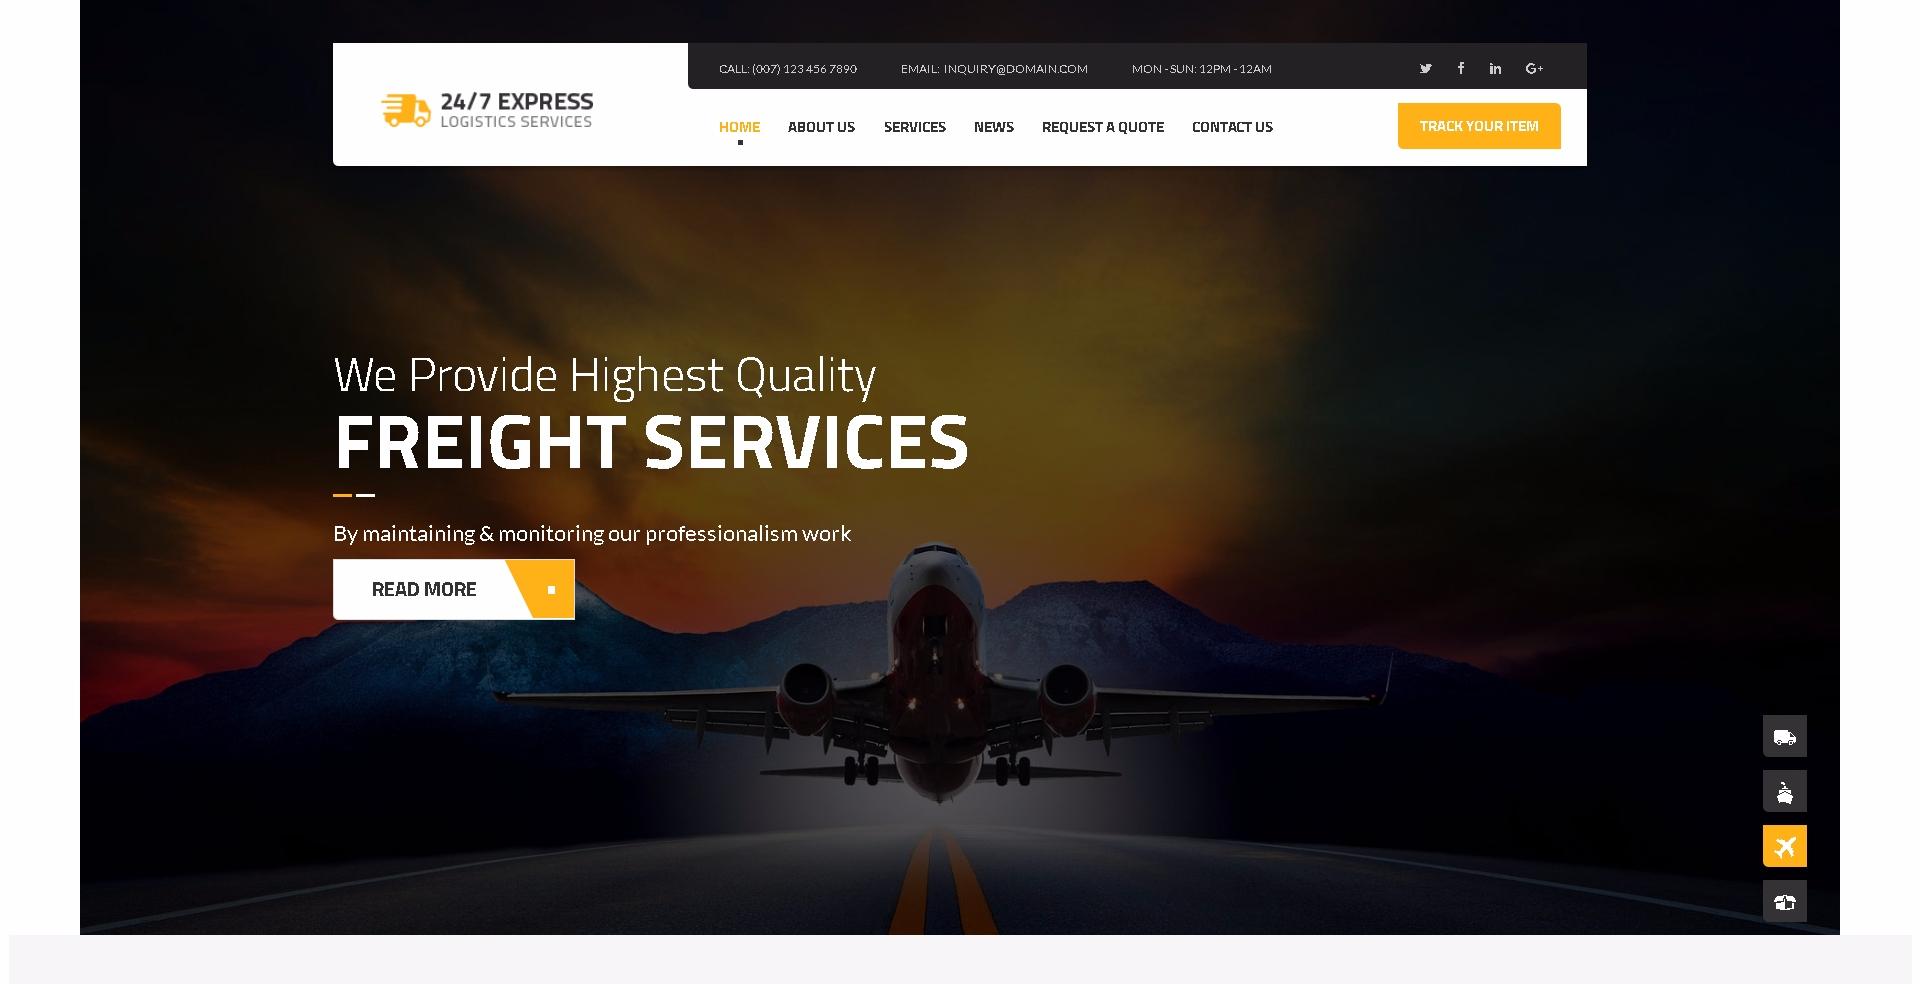 10 Thèmes WordPress Pour Créer Un Site Web D'entreprise De Logistique Et Transport